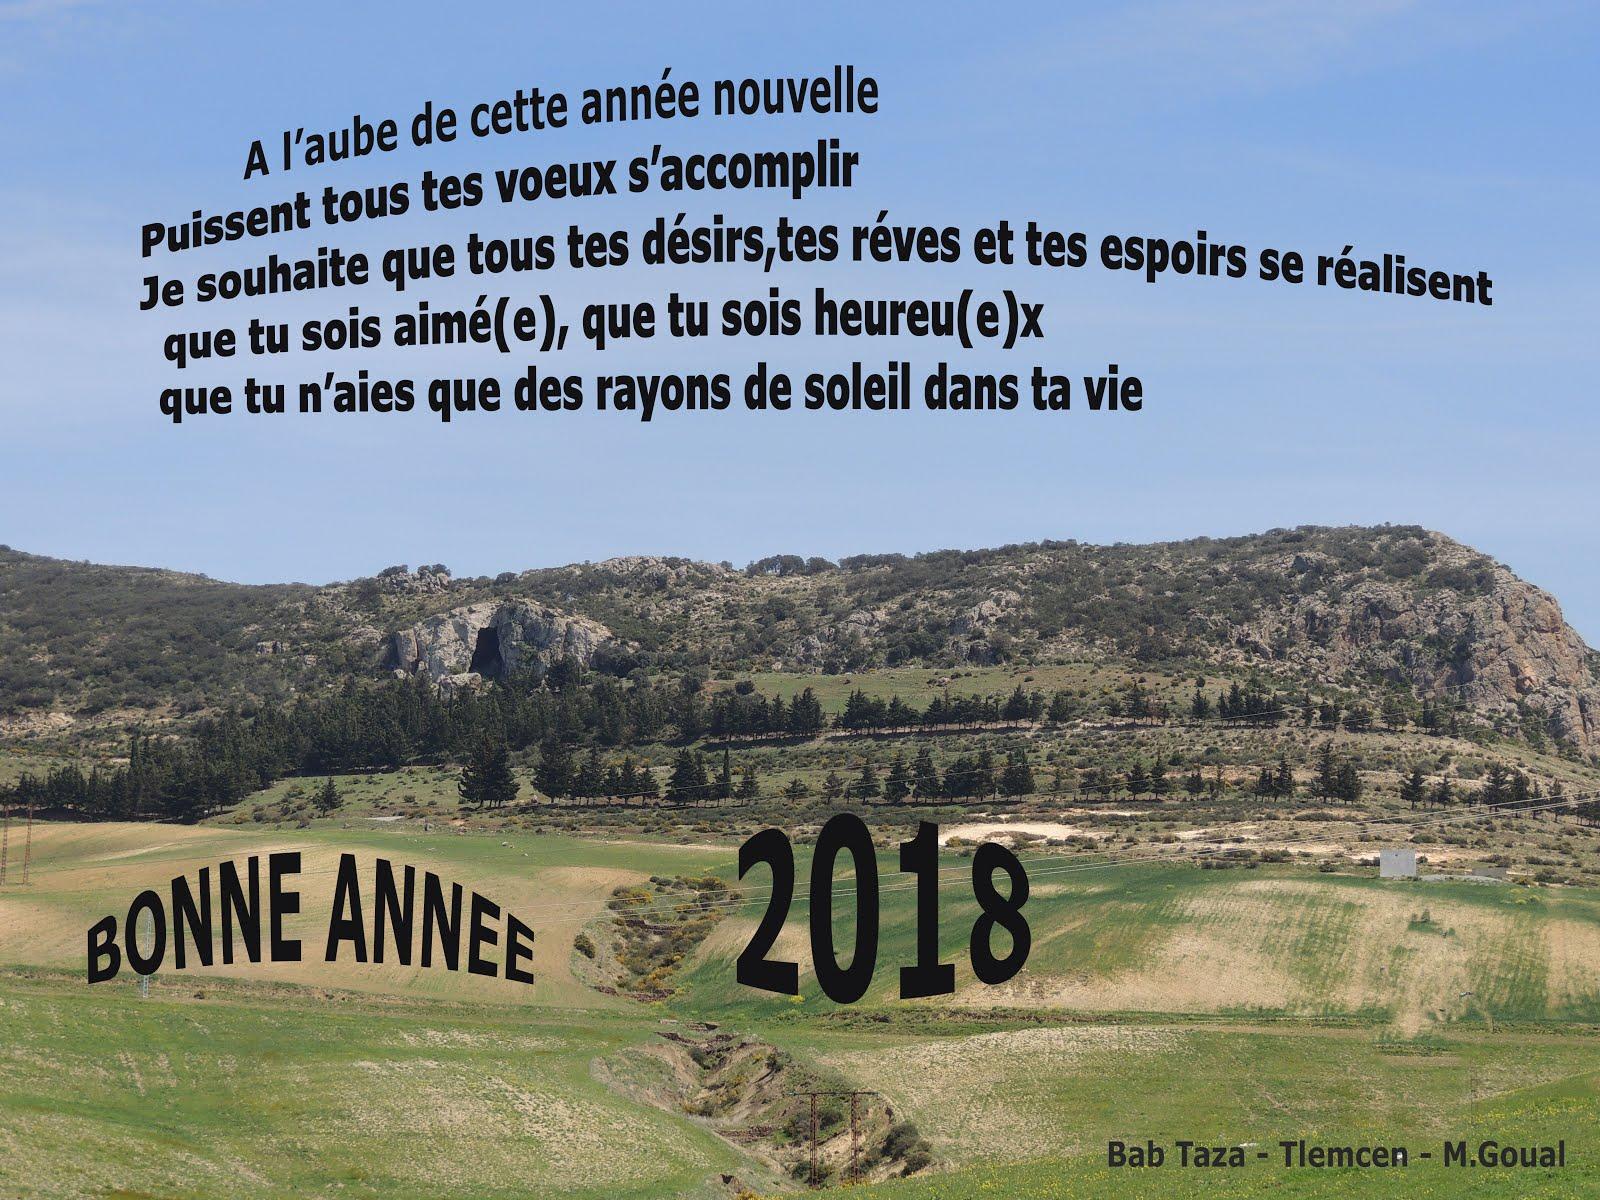 Bonne année 2018 de Maghnia